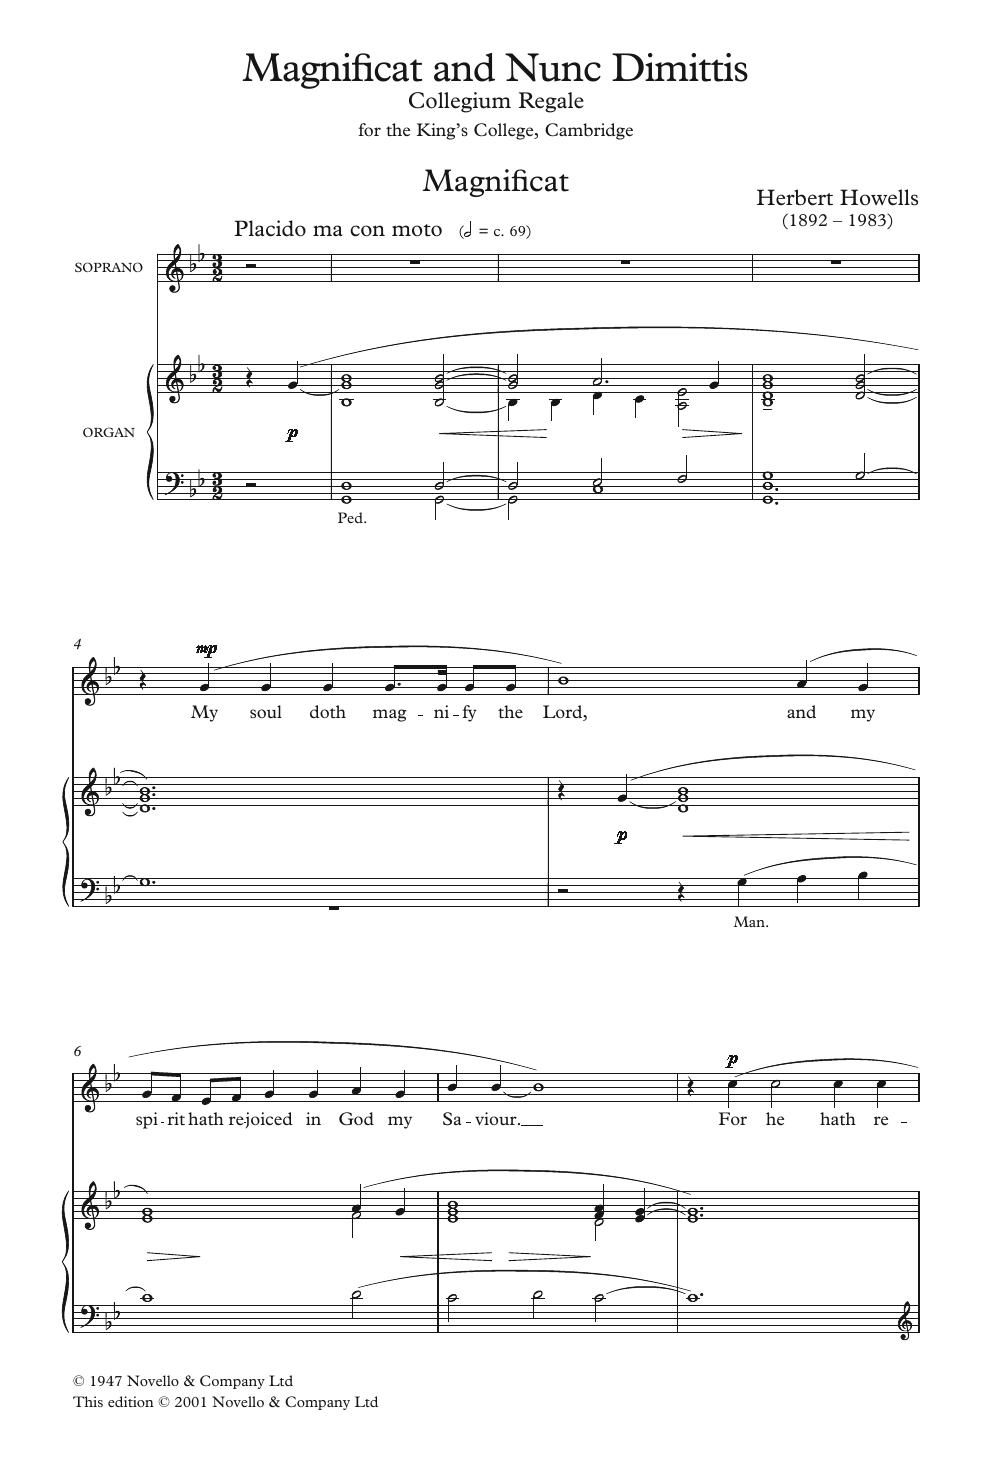 Herbert Howells - Collegium Regale 1945 Magnificat And Nunc Dimittis